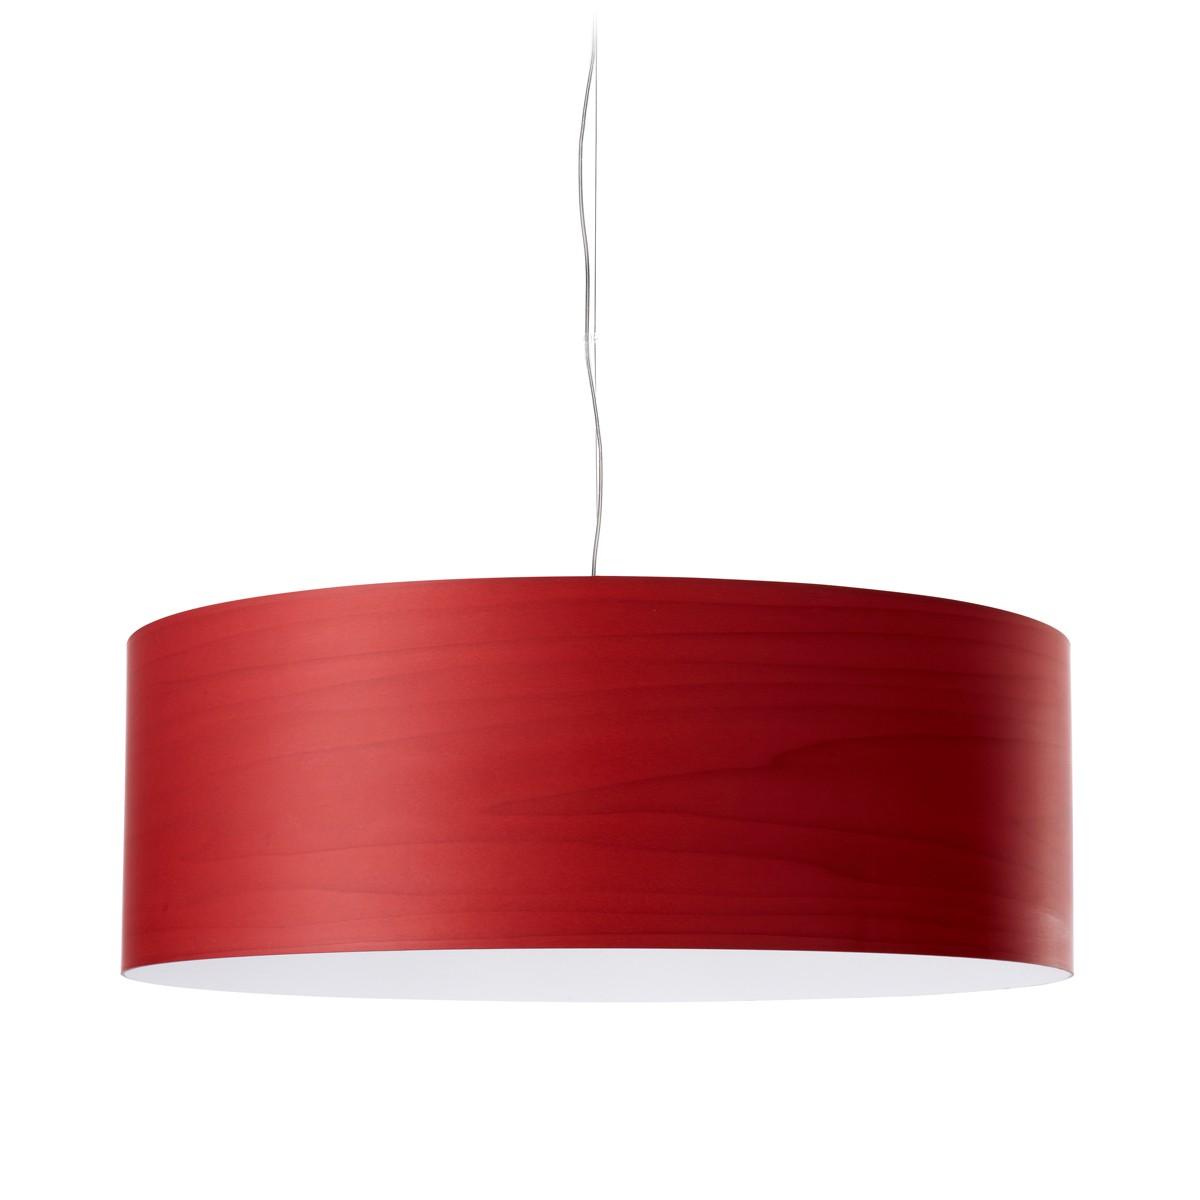 LZF Lamps Gea Large Pendelleuchte, rot